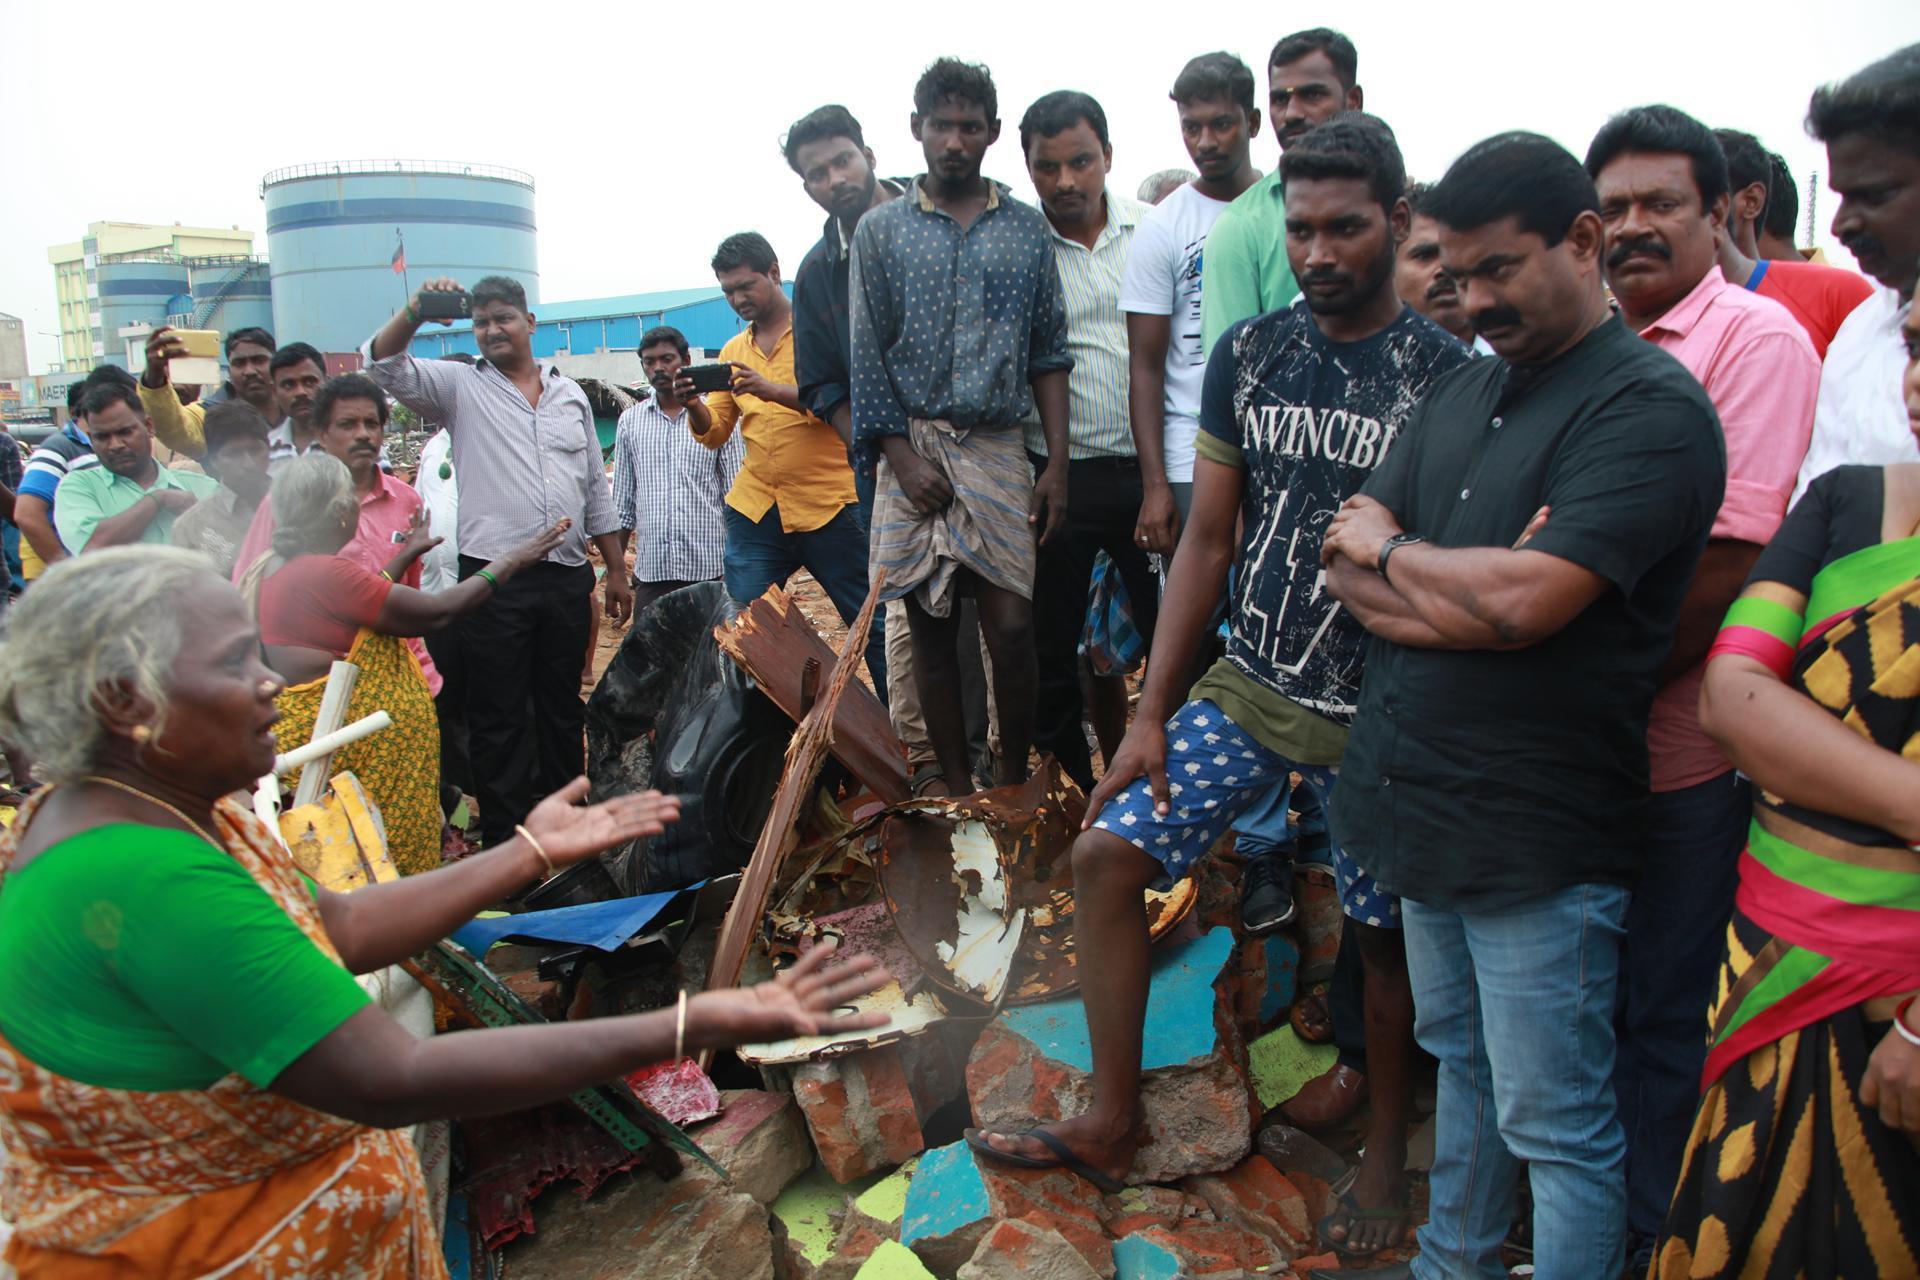 சீன எந்திரப் படகுகளுக்குத் தடைவிதிக்காவிட்டால் போராட்டம் தீவிரமடையும்! – சீமான் எச்சரிக்கை naam tamilar katchi seeman pressmeet visits thiruvotriyur house demolish10 1